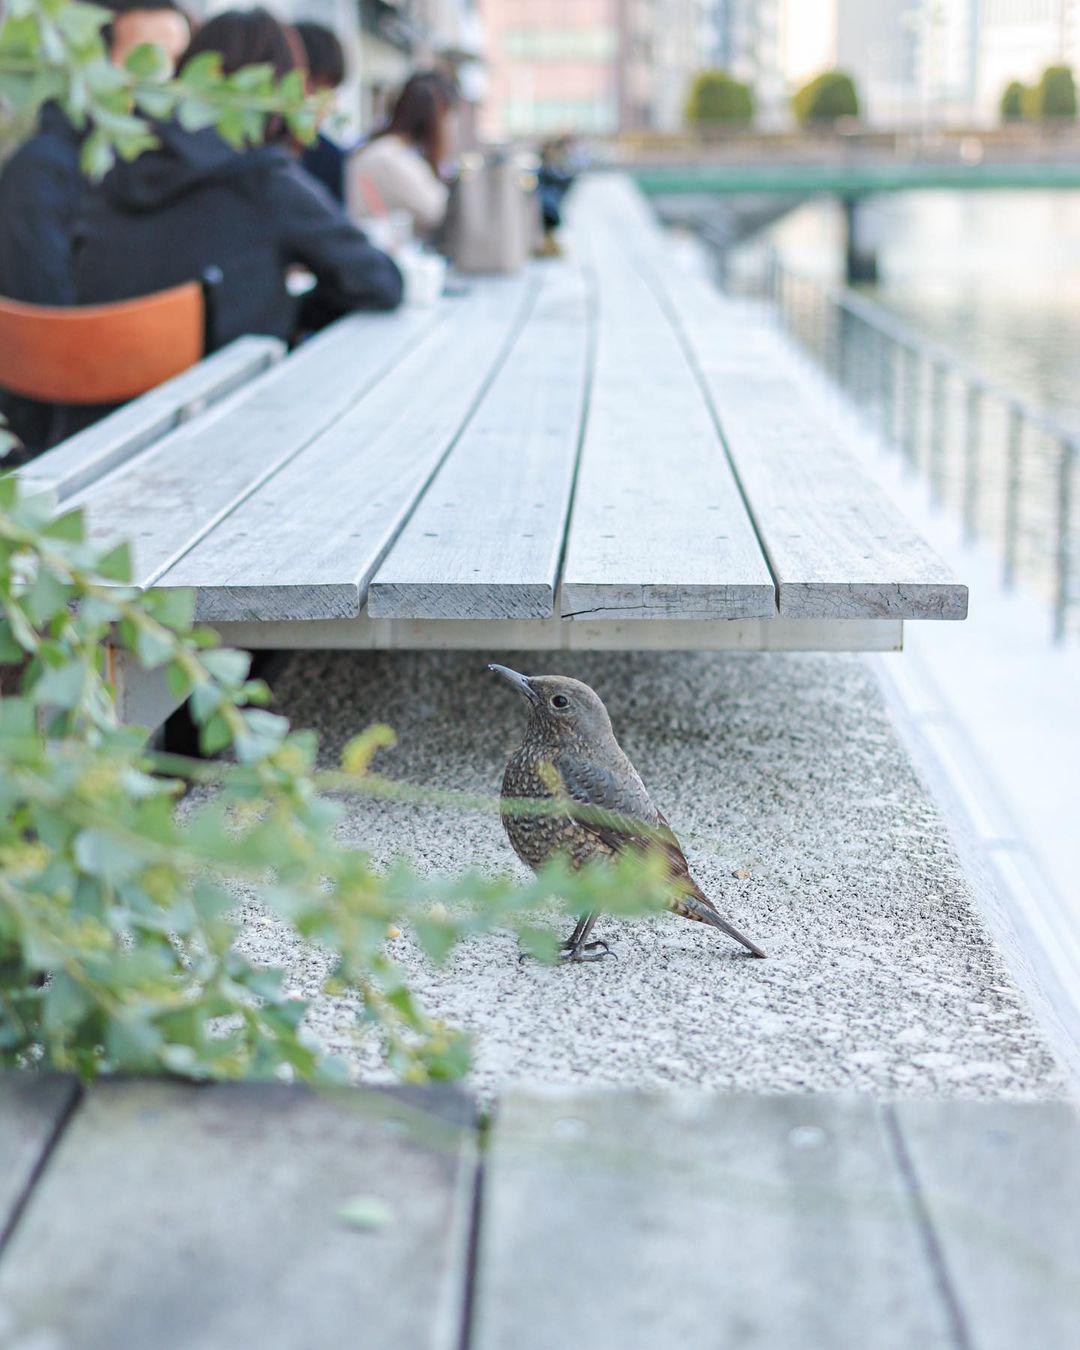 作品名:おこぼれ待ち / 撮影場所:中之島川沿いカフェ / 撮影者:seawest0806さん